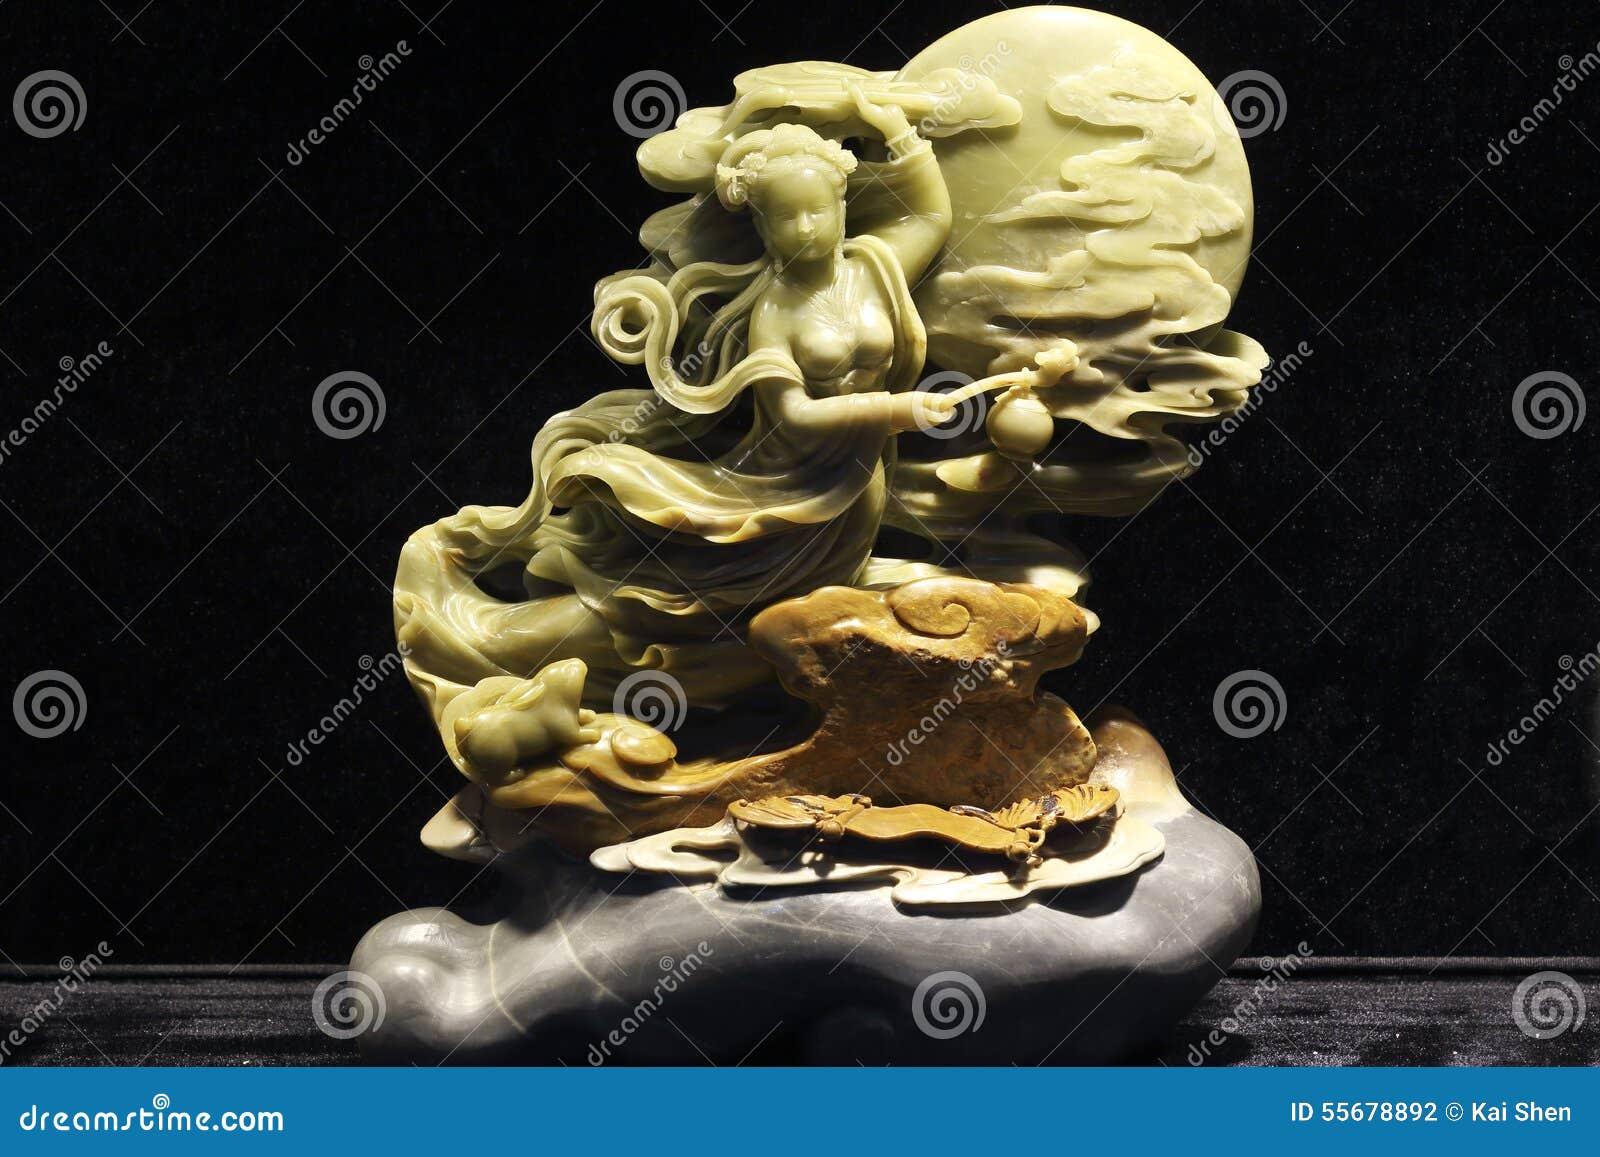 Κινεζικοί χαρακτήρες μυθολογίας στην τέχνη χάραξης πετρών της ιστορίας